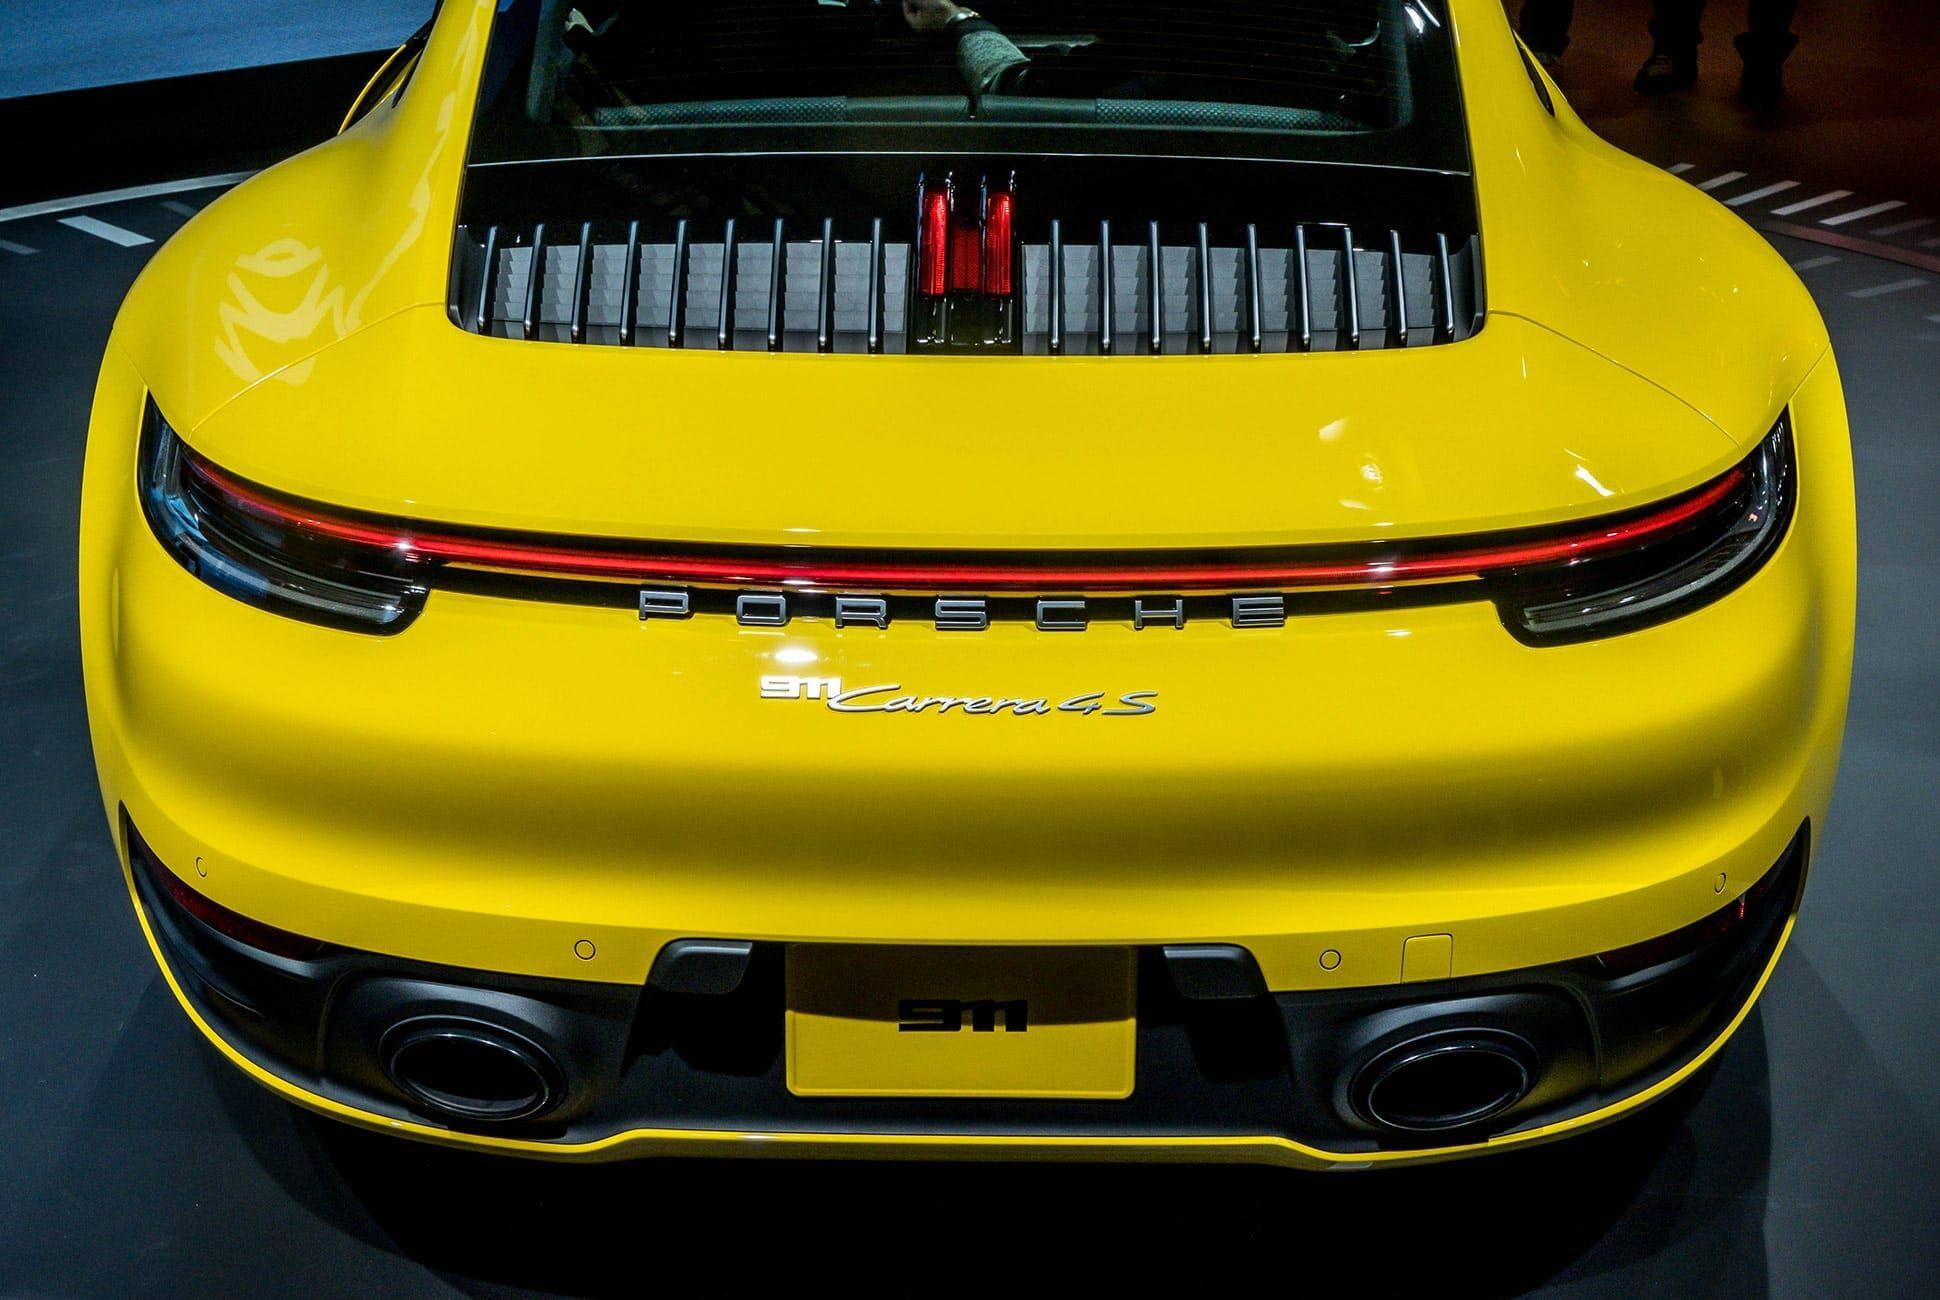 Top-10-LA-Auto-Show-Cars-gear-patrol-Porsche-911-992-slide-2